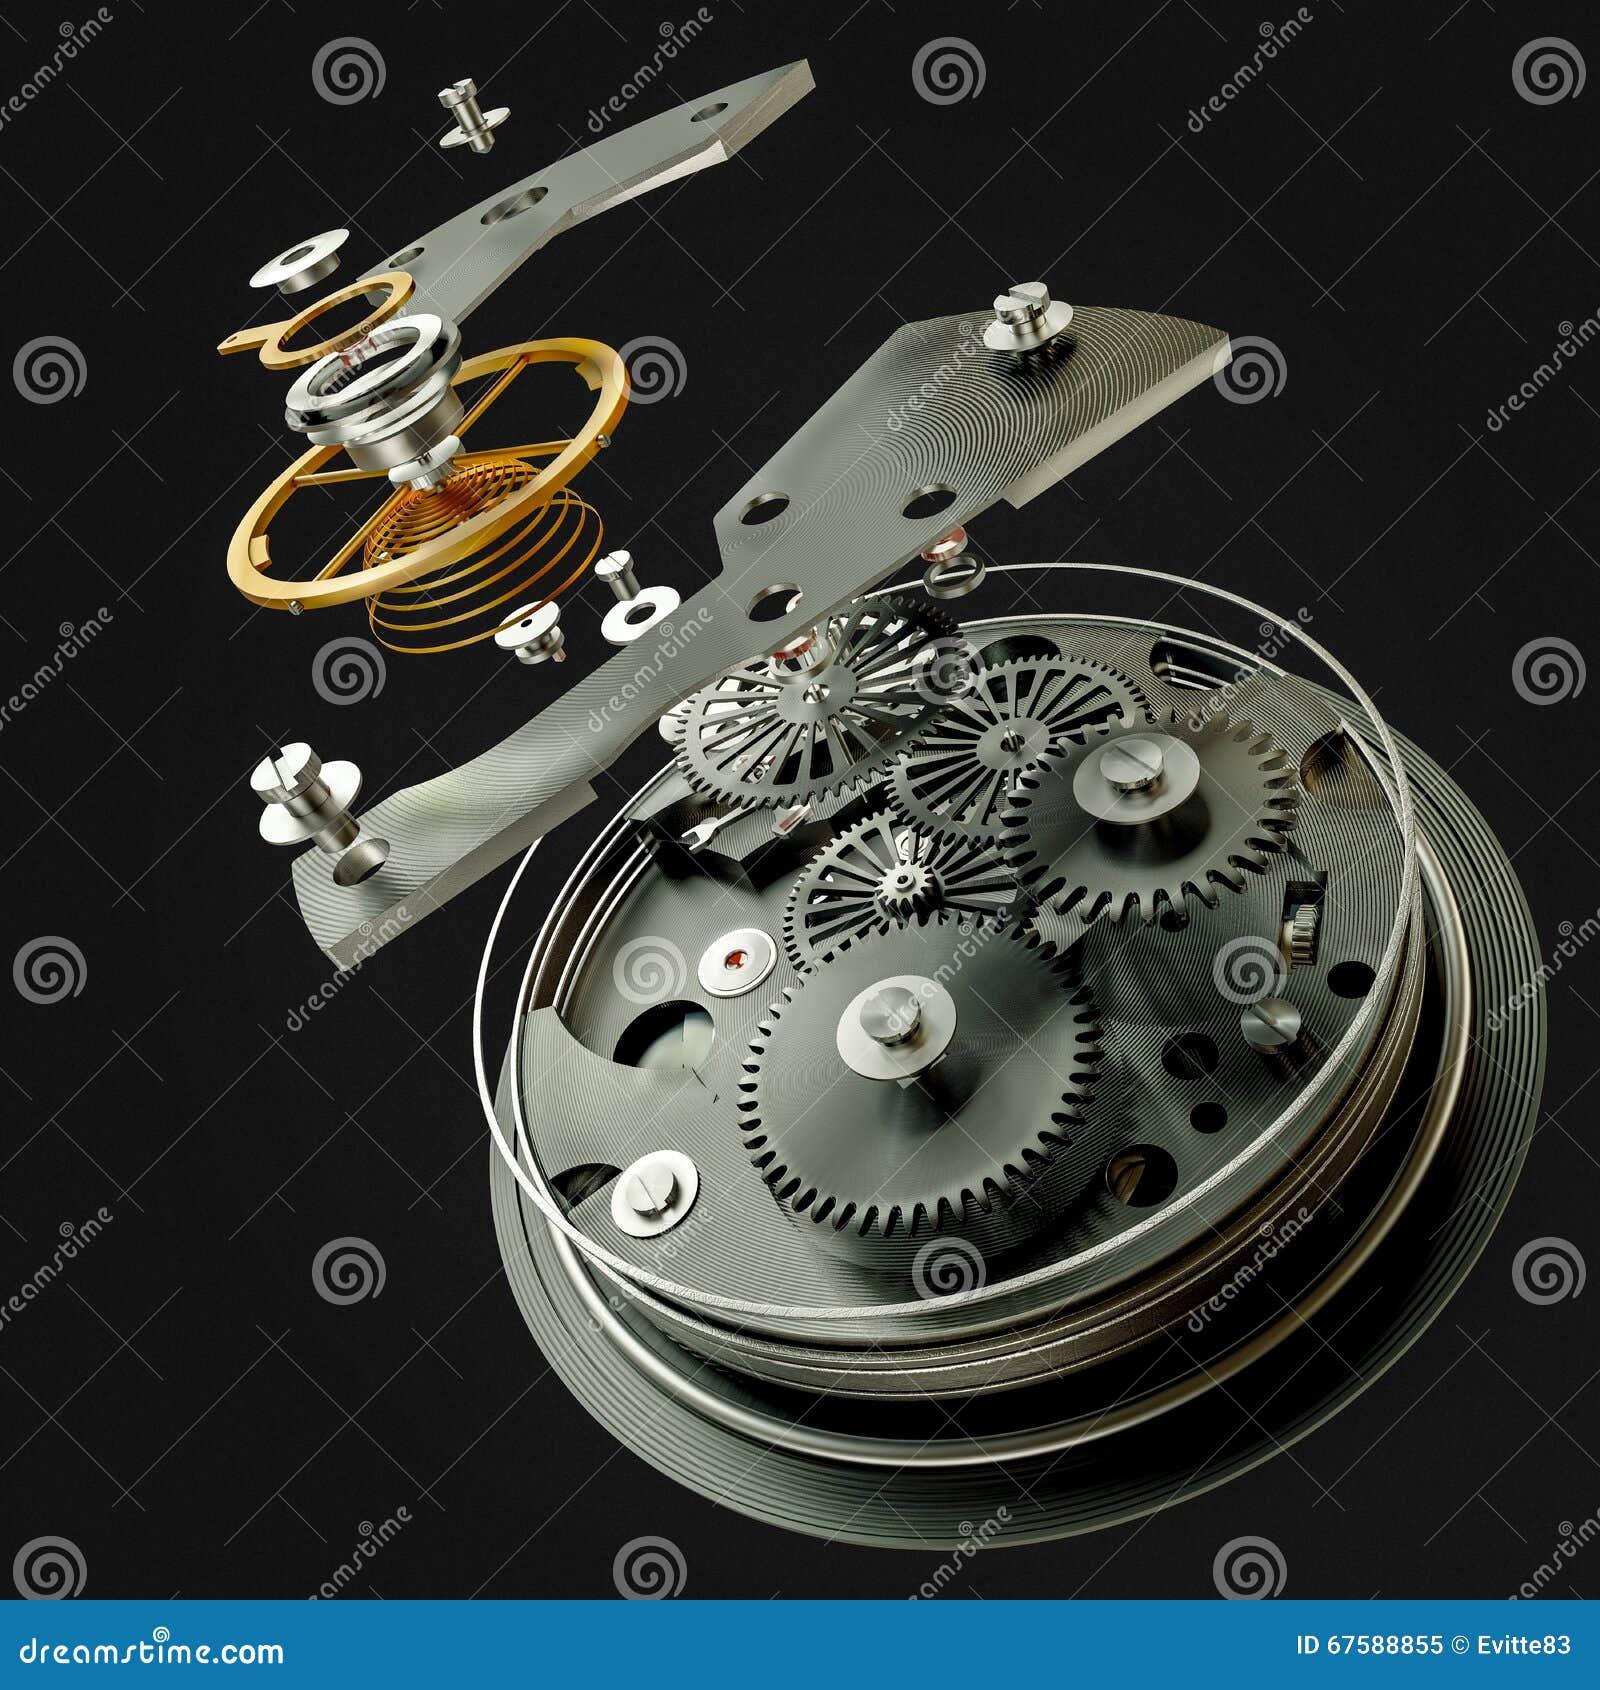 τρισδιάστατος μηχανισμός ρολογιών στο μαύρο υπόβαθρο